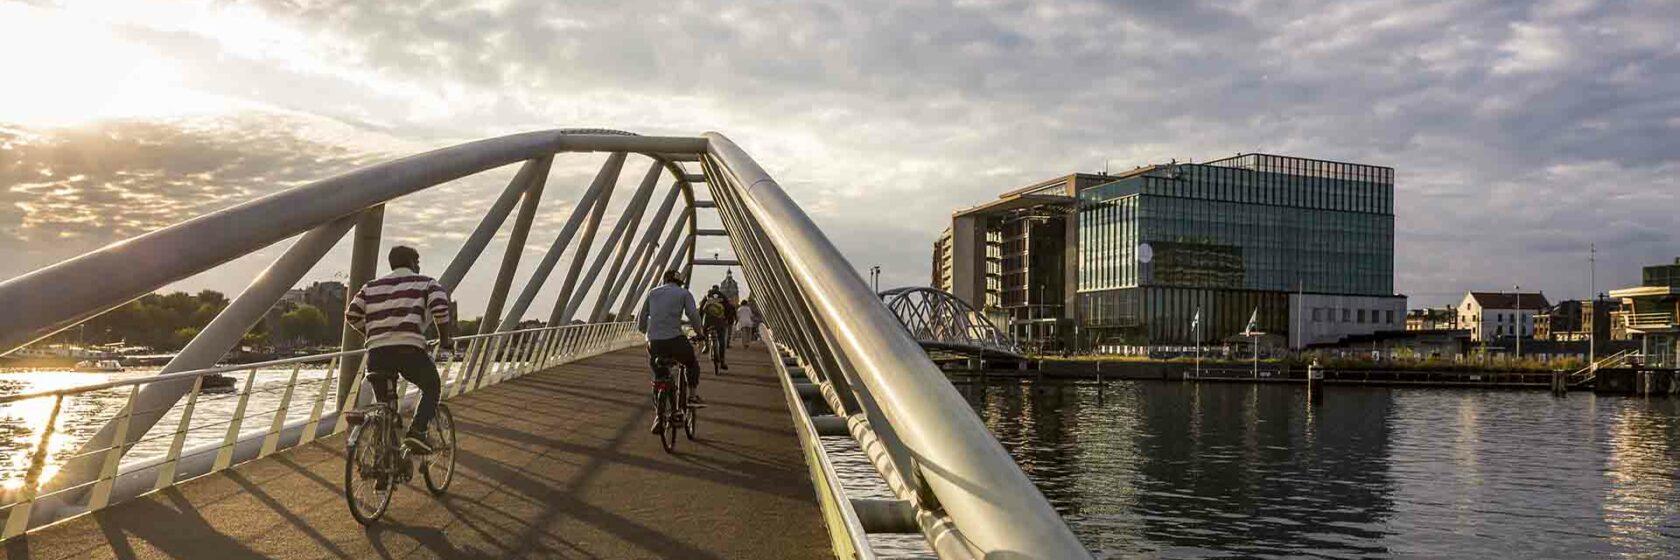 Fietsers op brug over water met gebouwen op de achtergrond